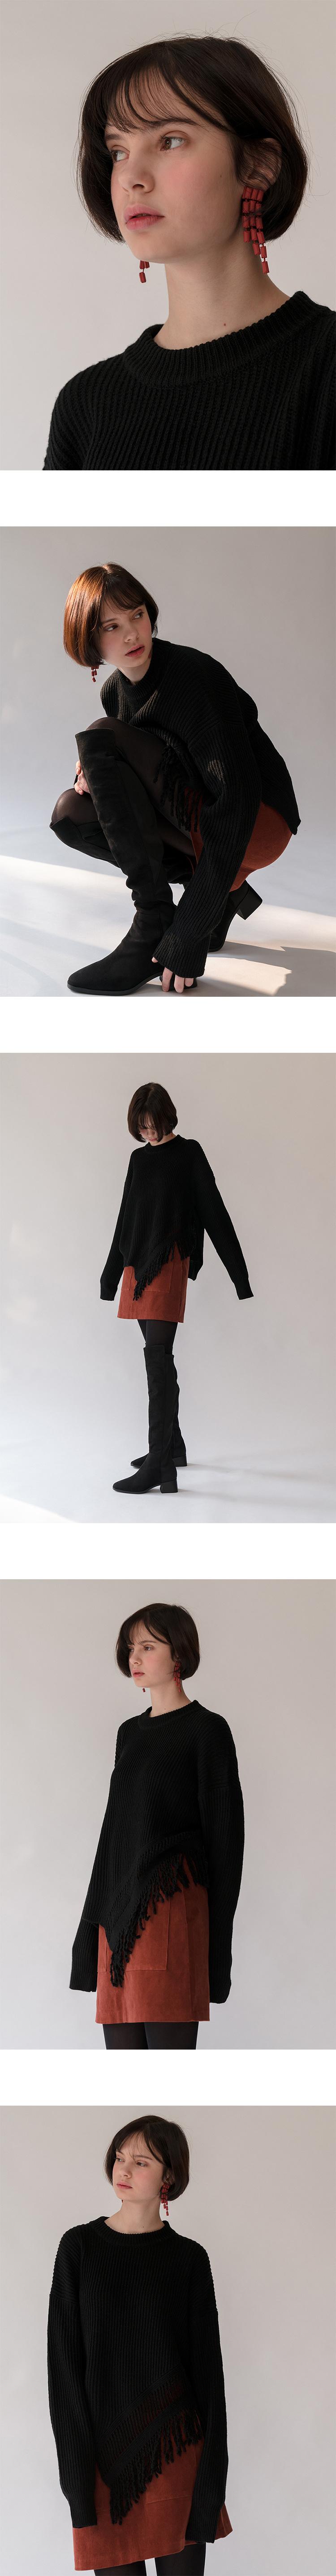 몬츠(MONTS) monts560 fringe pullover purple knit